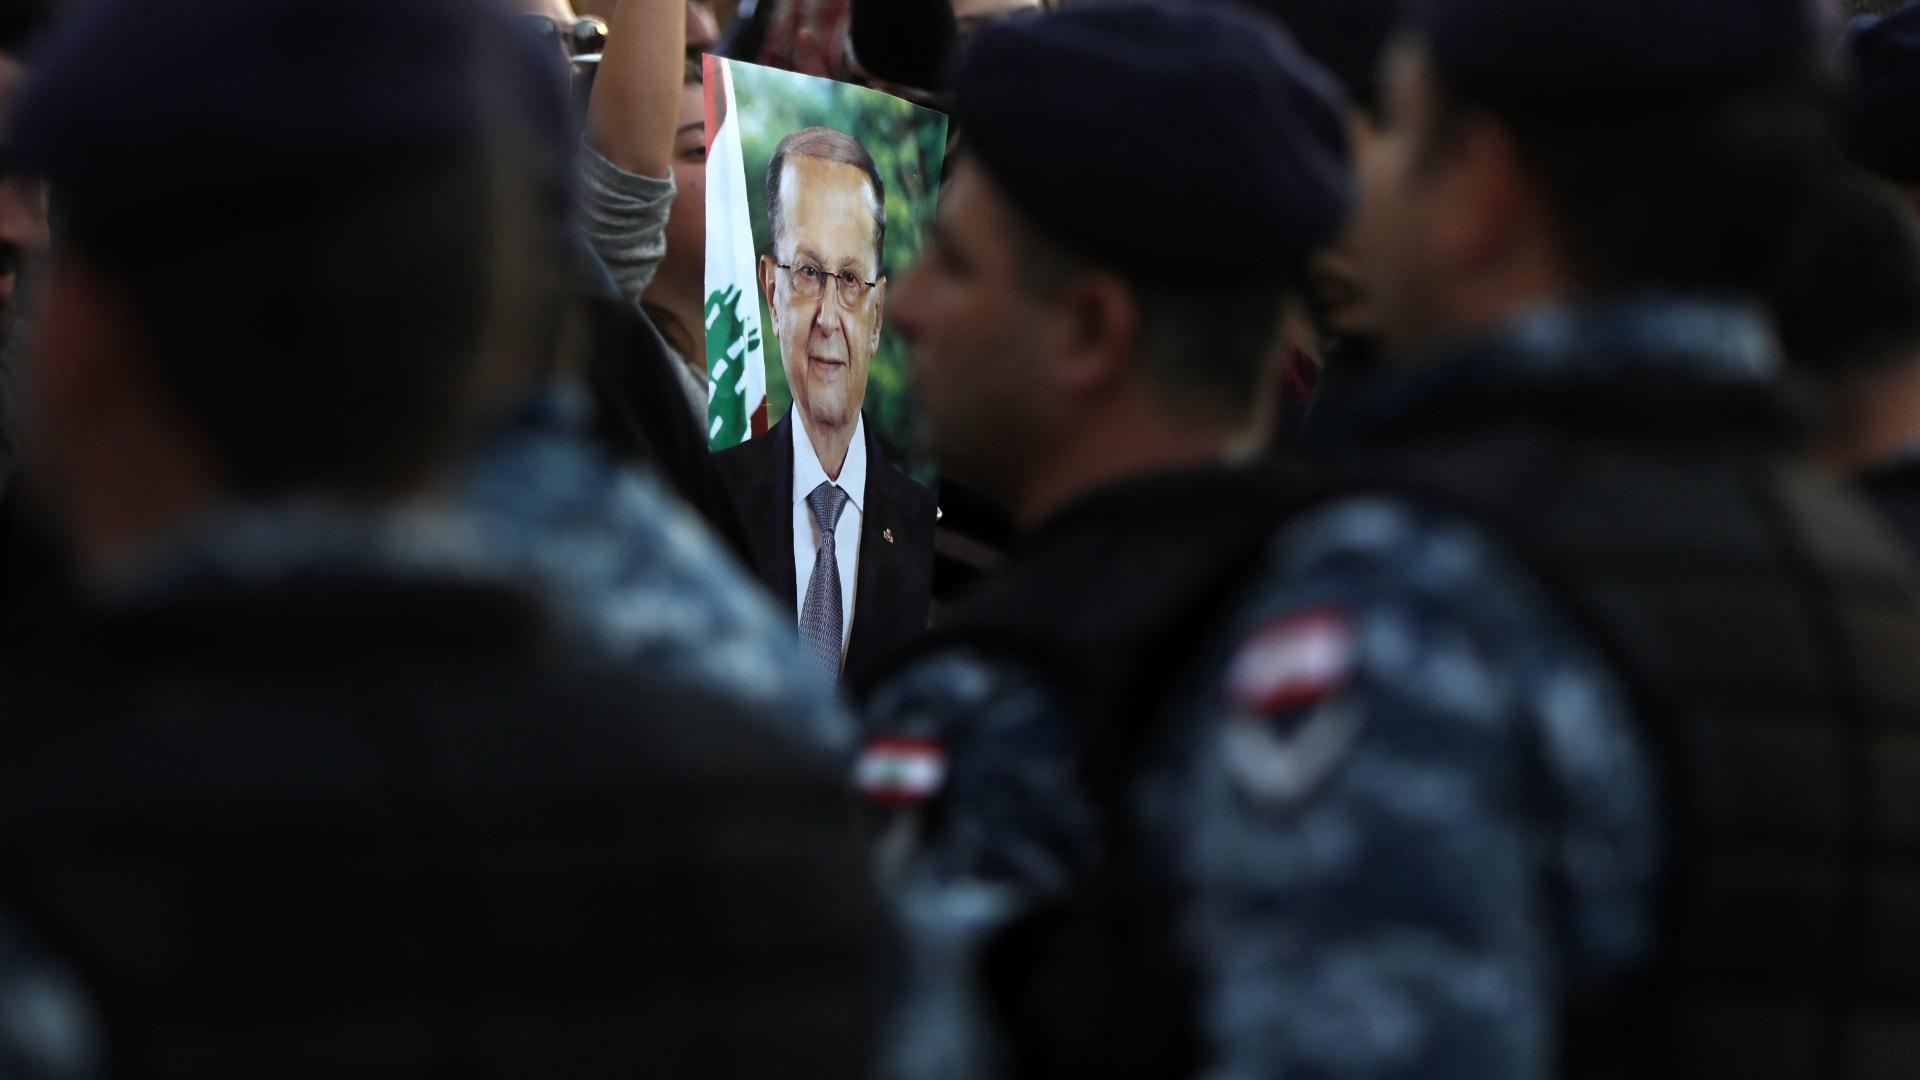 عون.. بين المطالبة باستقالته وأنه الوحيد القادر على الإصلاح